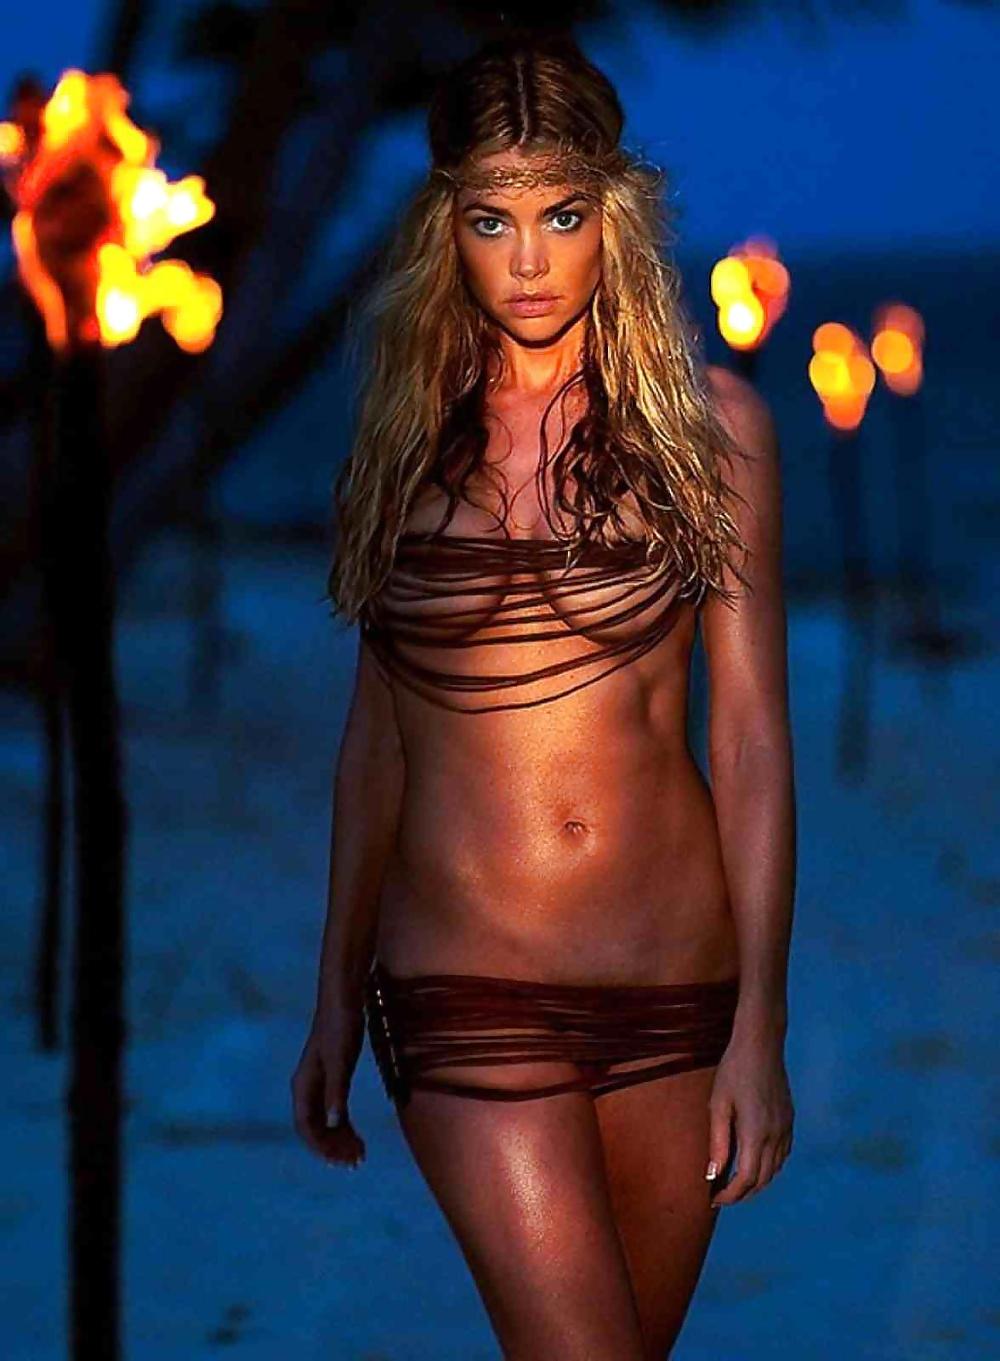 Actress denise richards naked